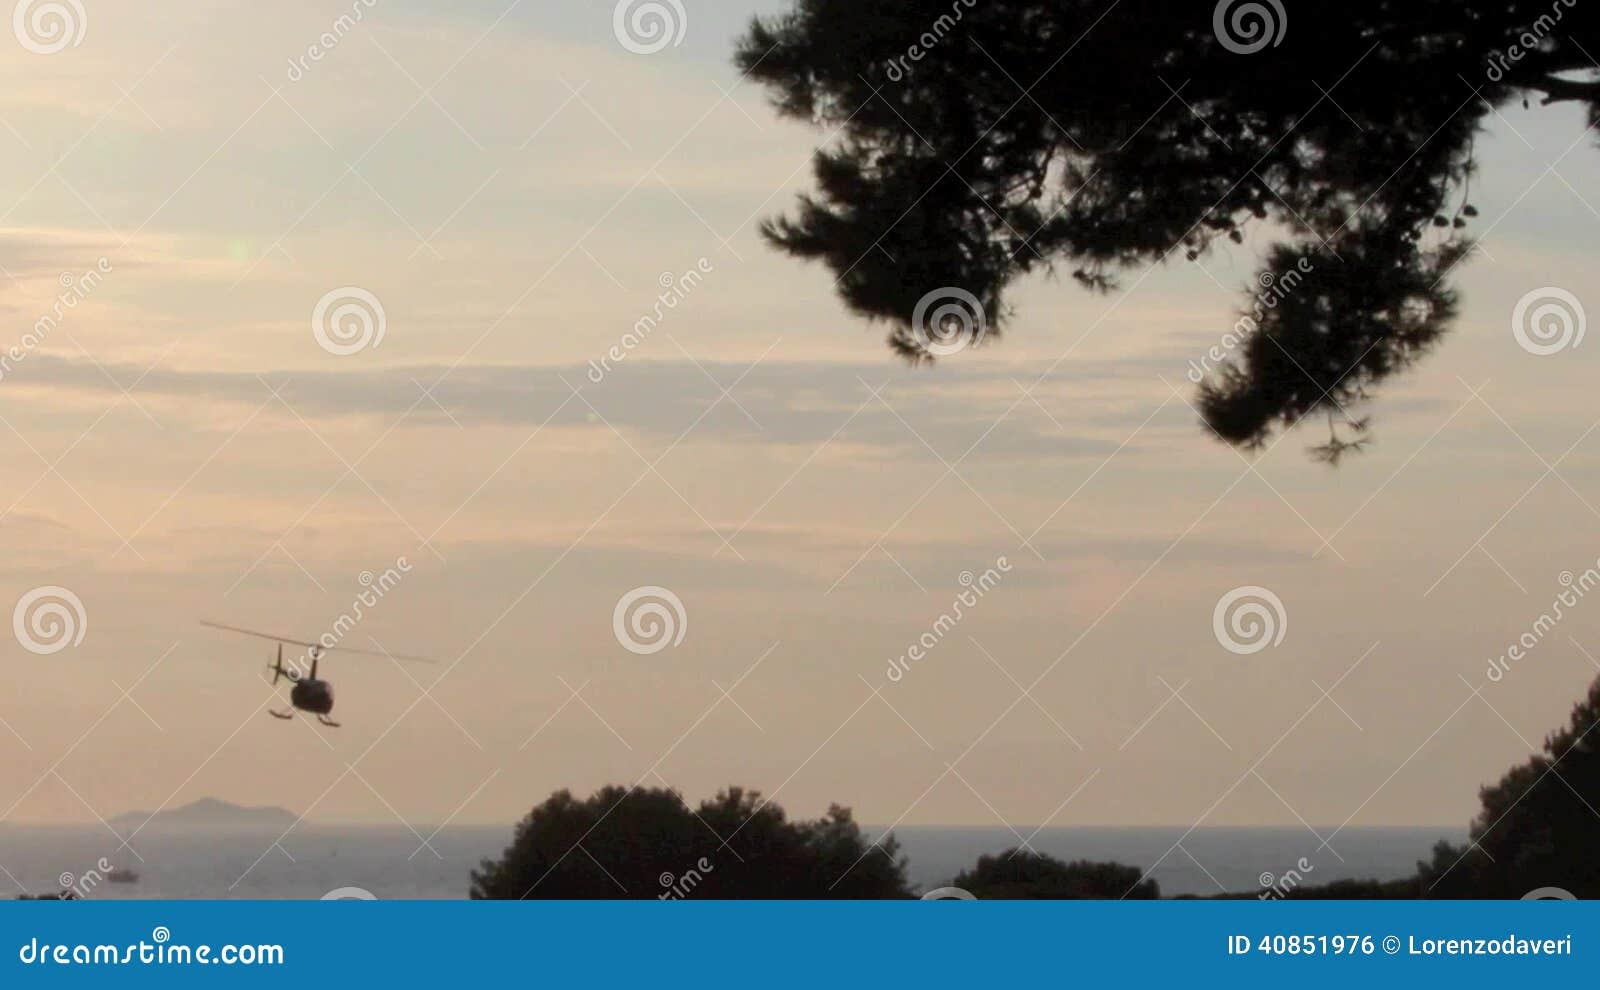 L Elicottero Posizione : Elicottero che vola via nel tramonto su una posizione del mare